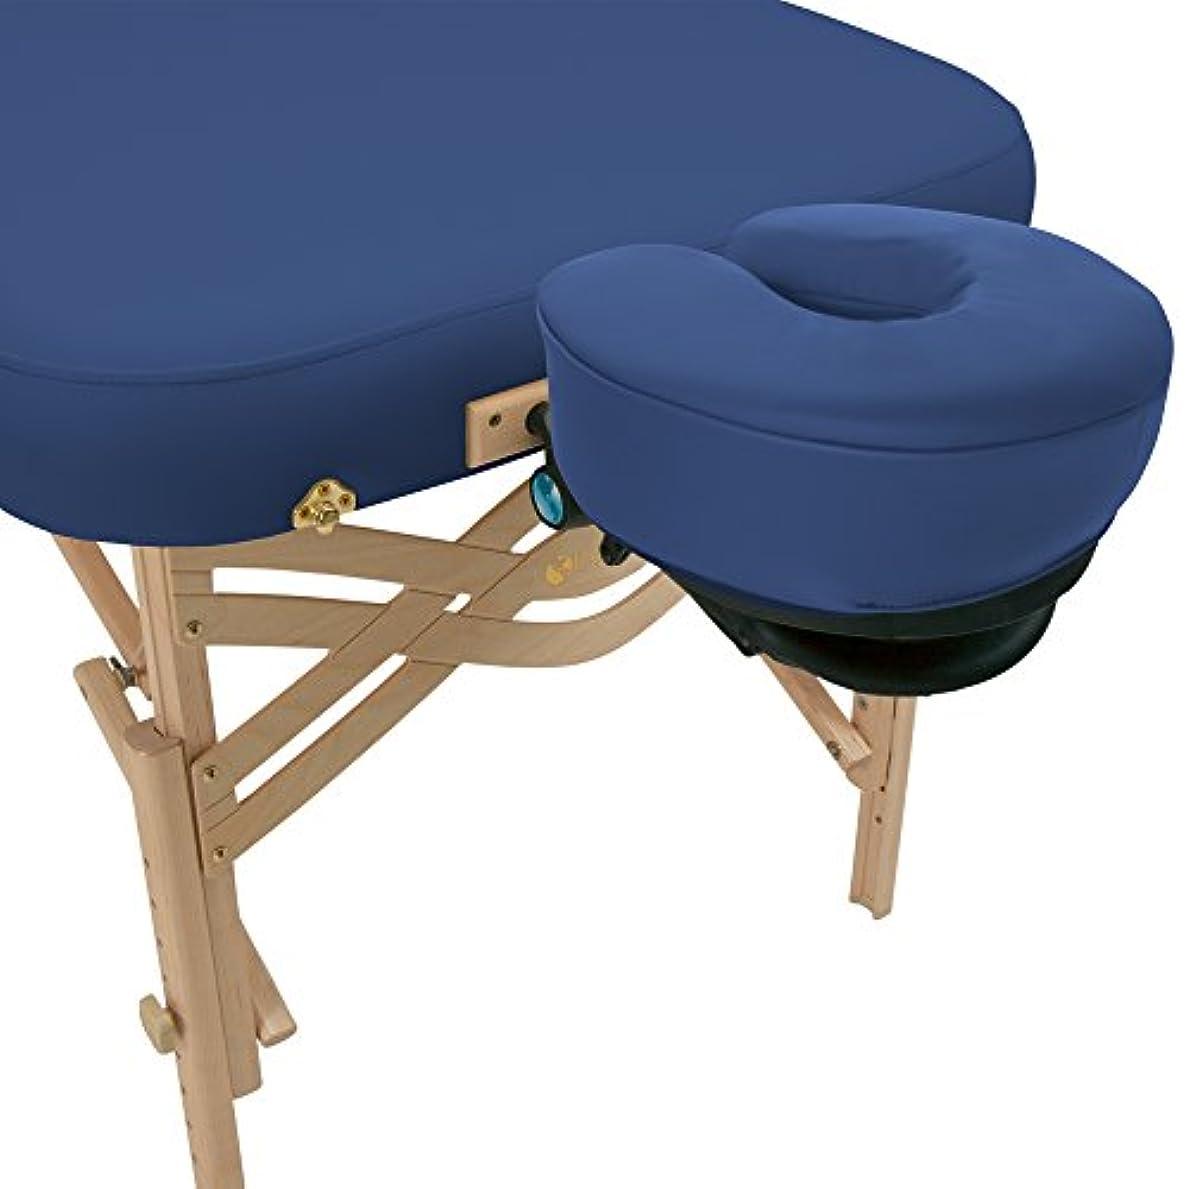 アミューズメント浪費触手STRONGLITE マッサージフェイス クレードルクッション クラウドコンフォート – マッサージテーブル&マッサージチェア ヘッドレスト枕 / 100%ポリウレタンカバー